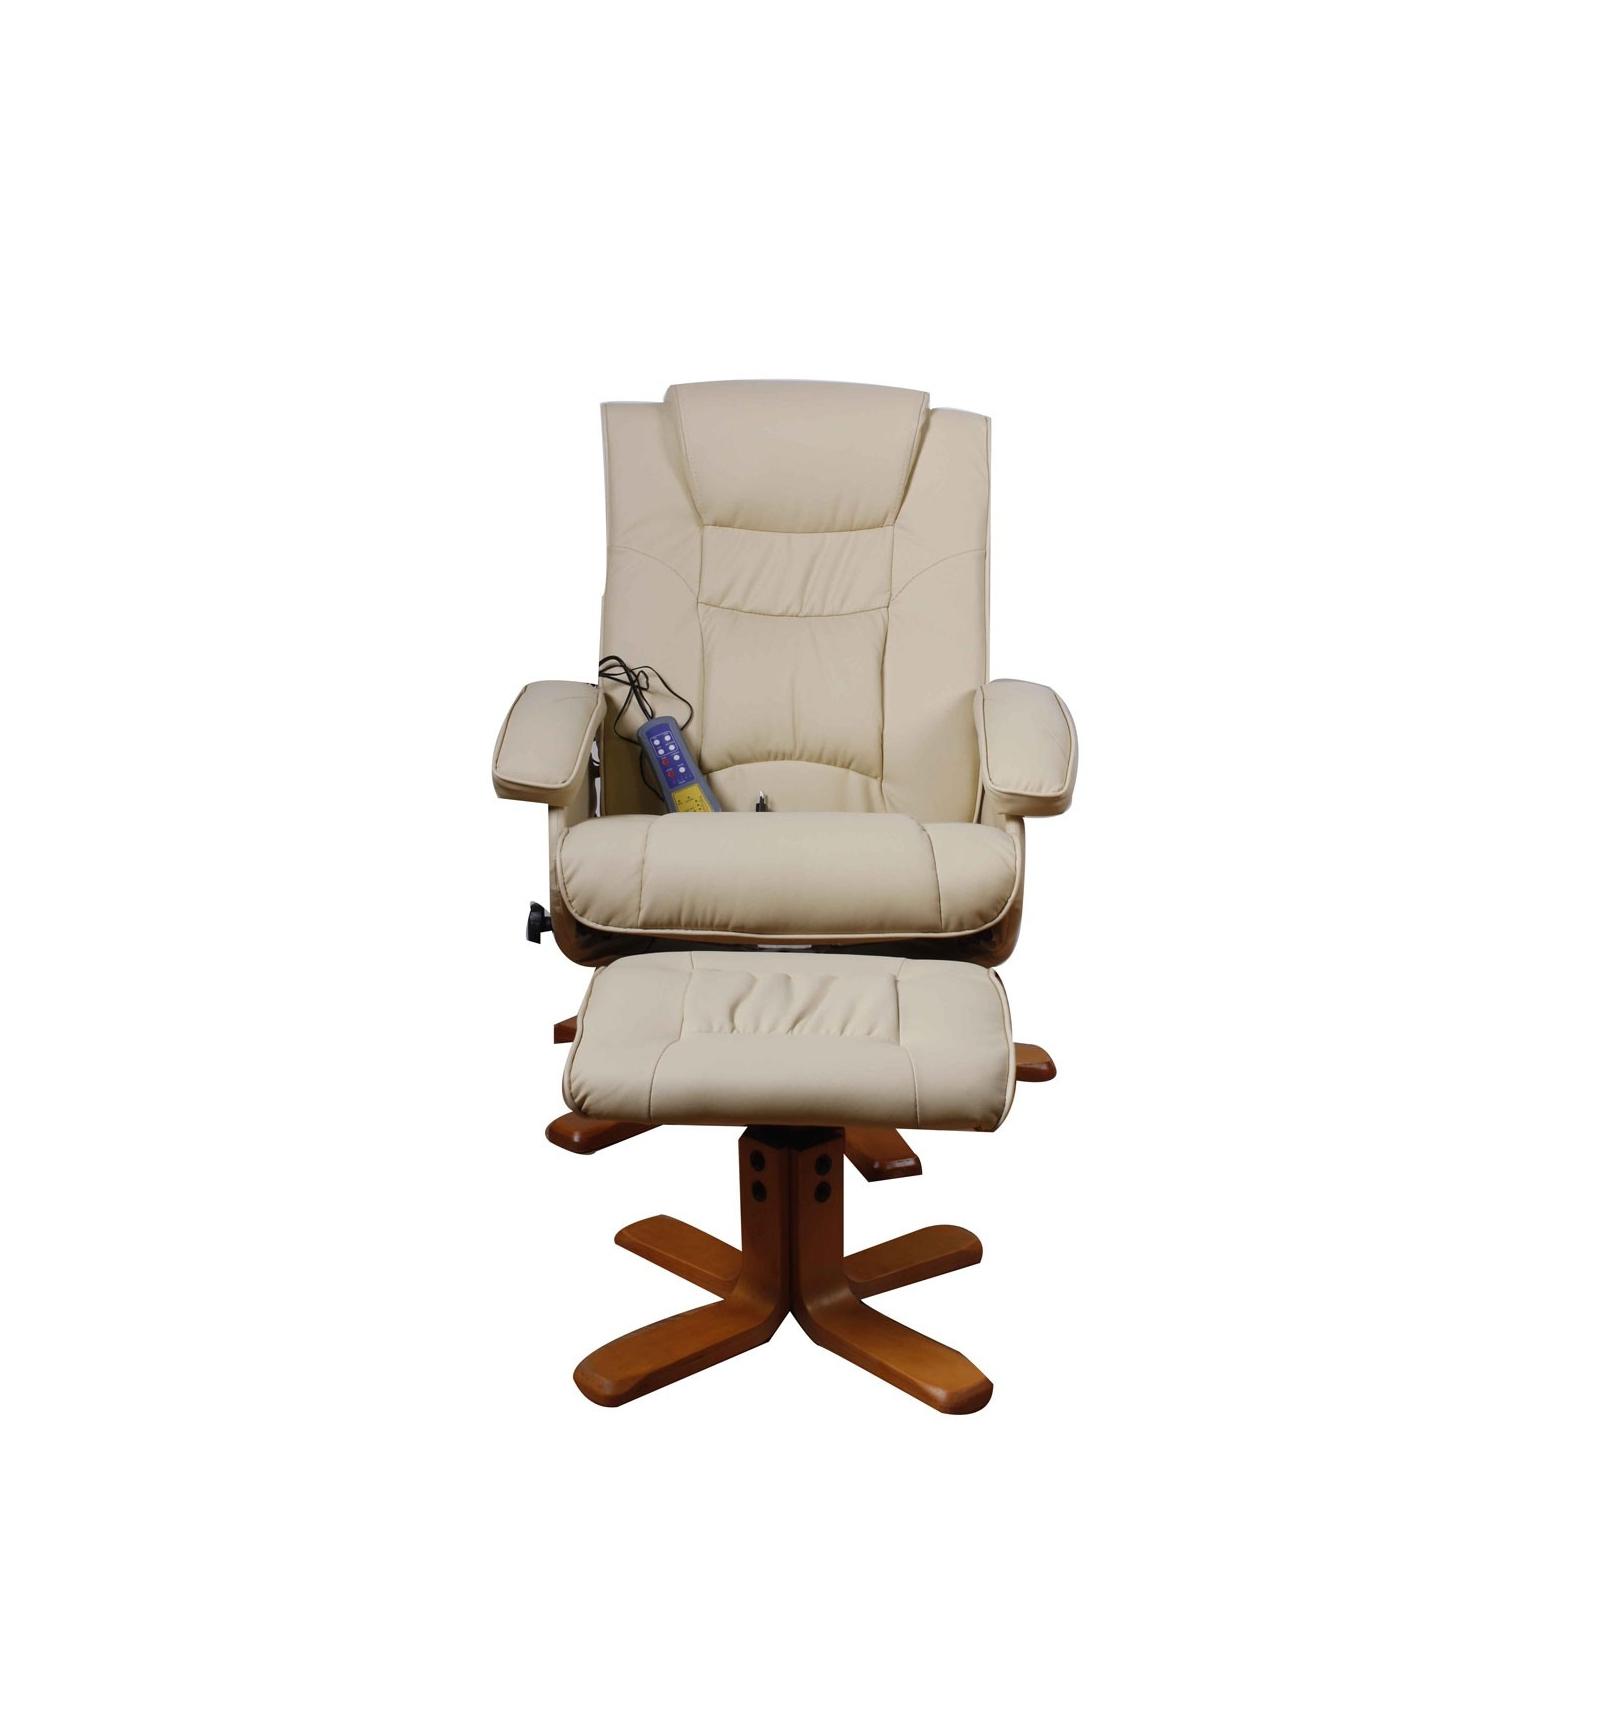 Sessel Mit Massagefunktion : massagesessel mit hocker relaxsessel ~ Buech-reservation.com Haus und Dekorationen